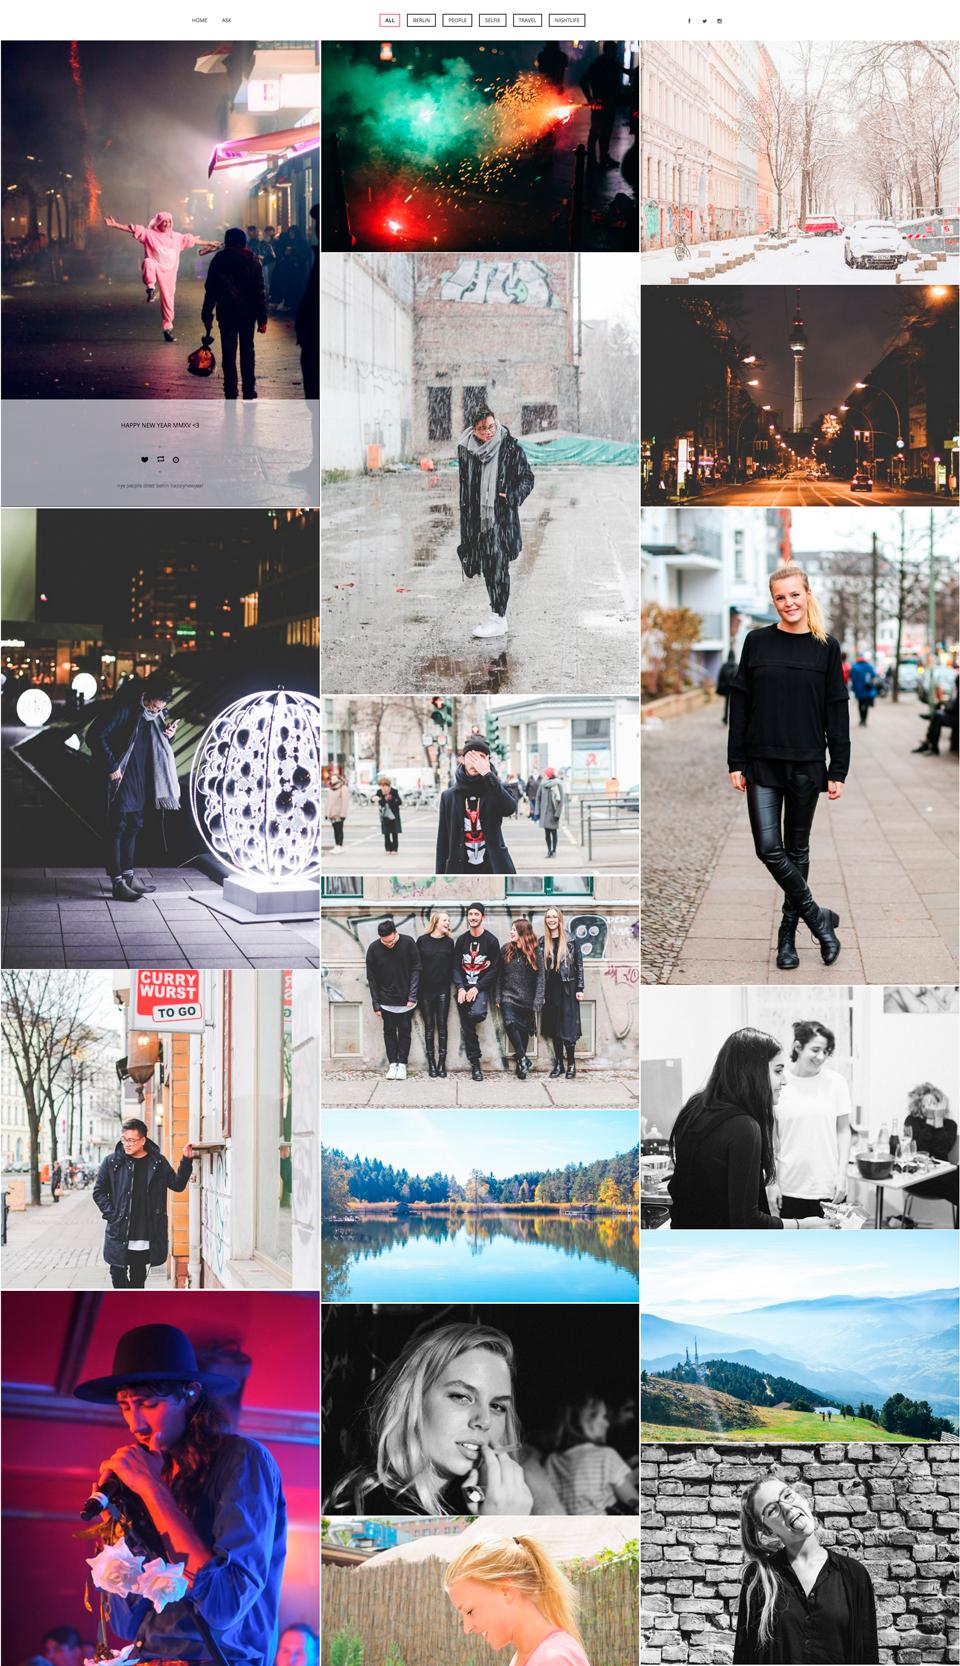 thangi-tumblr-02